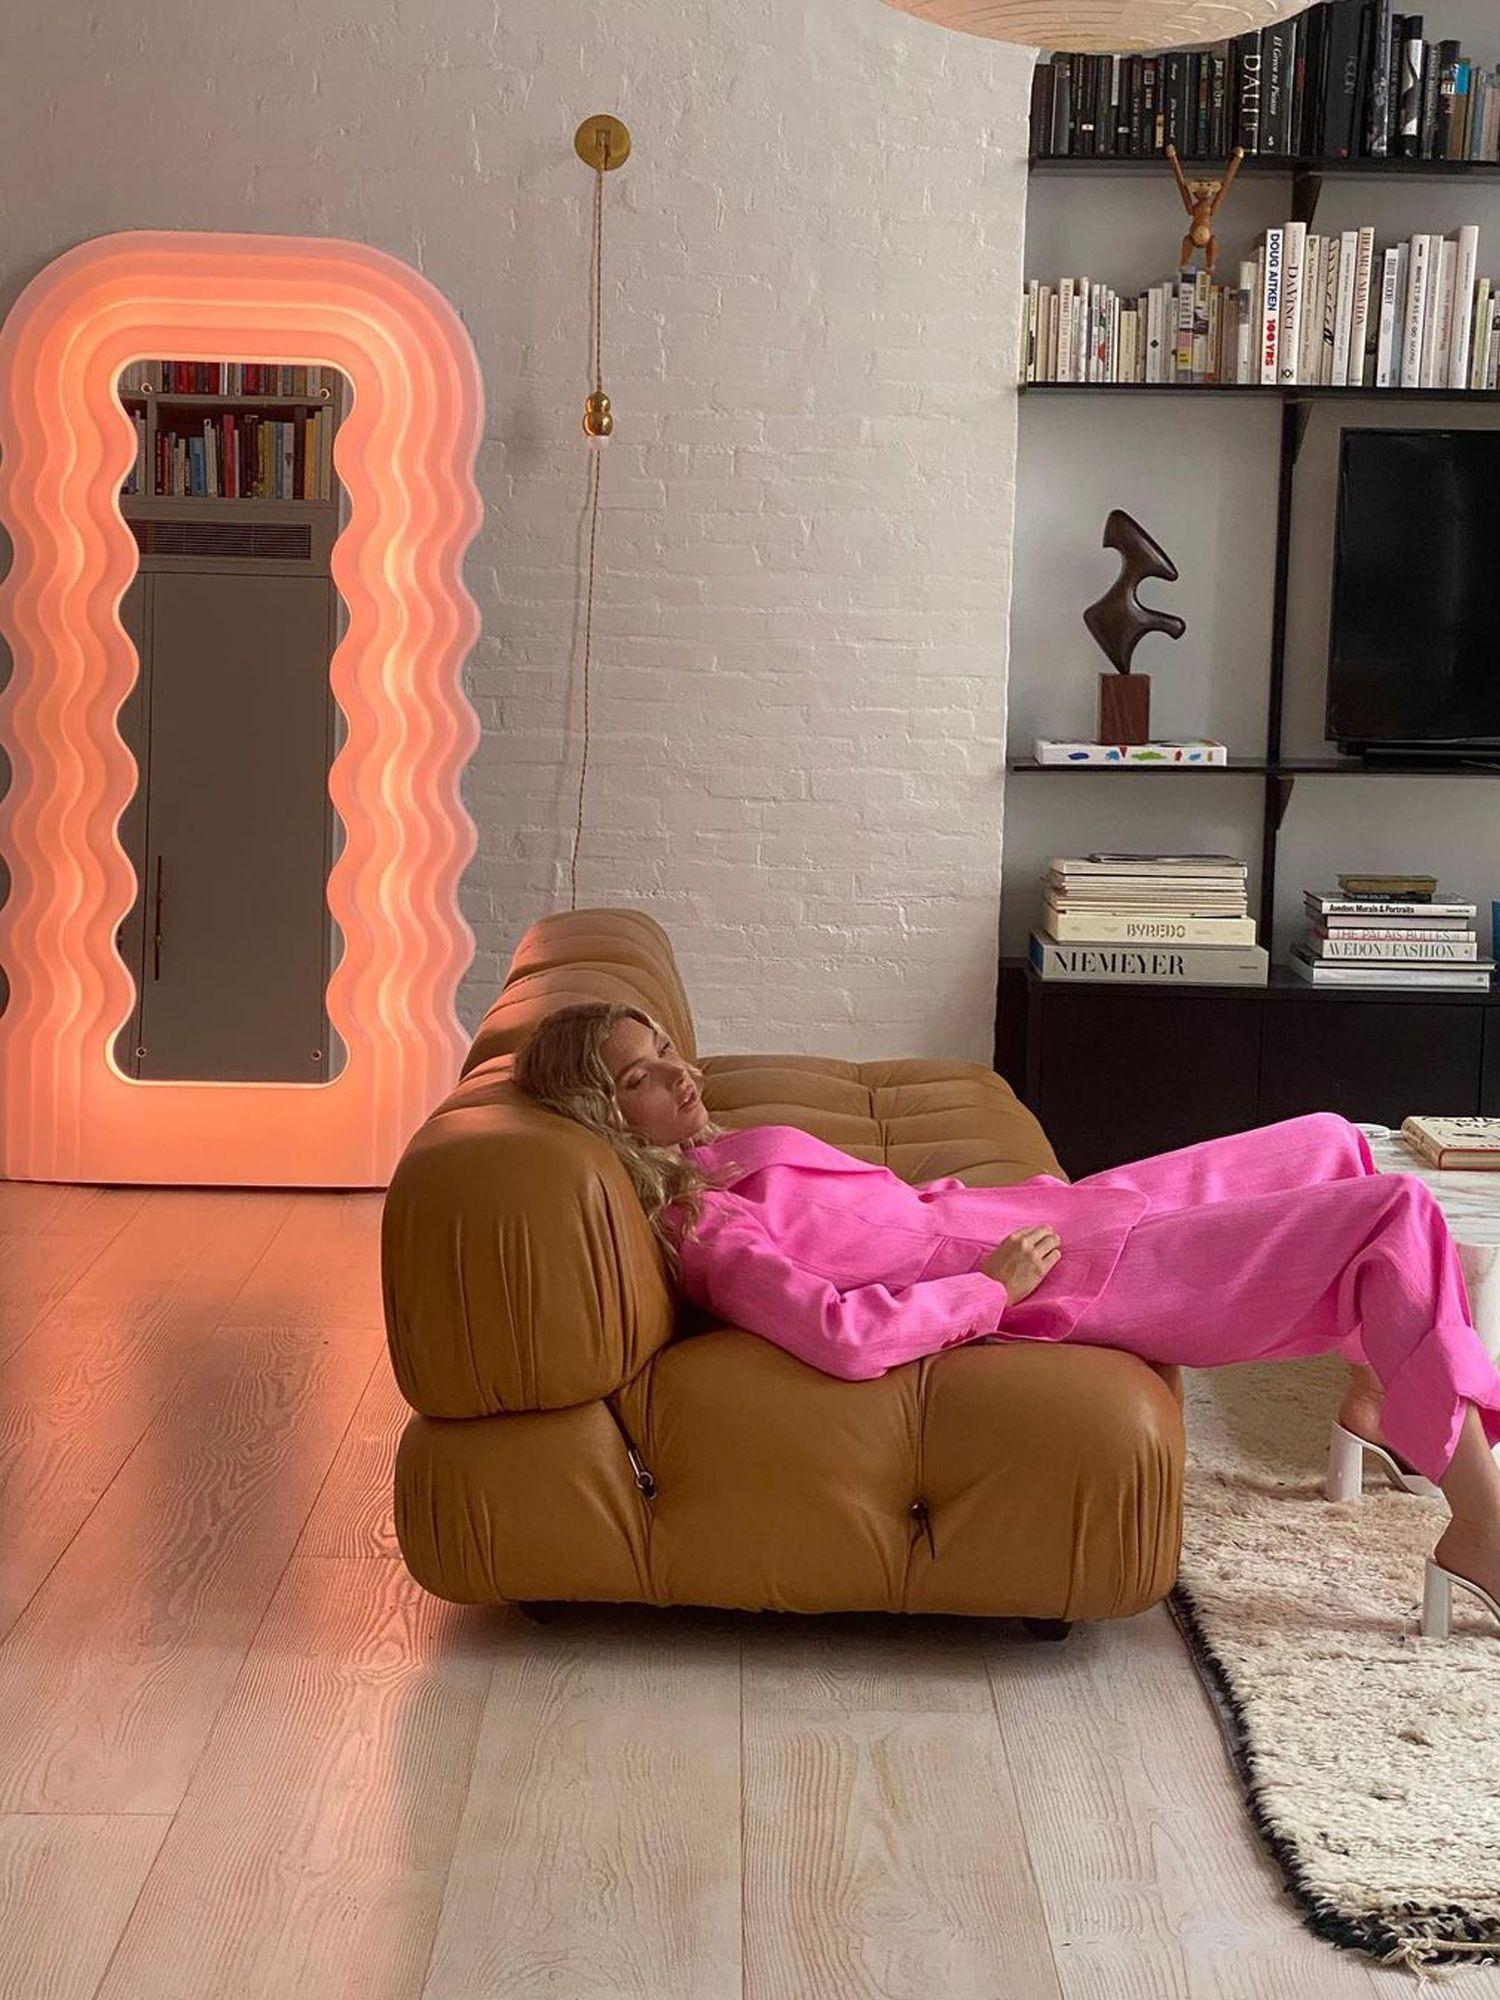 L'appartamento newyorkese di Elsa Hoskin è la casa del divano Camelliona, tra le altre icone Immagine: Elsa Hosk / tributo a @ Hoskelsa